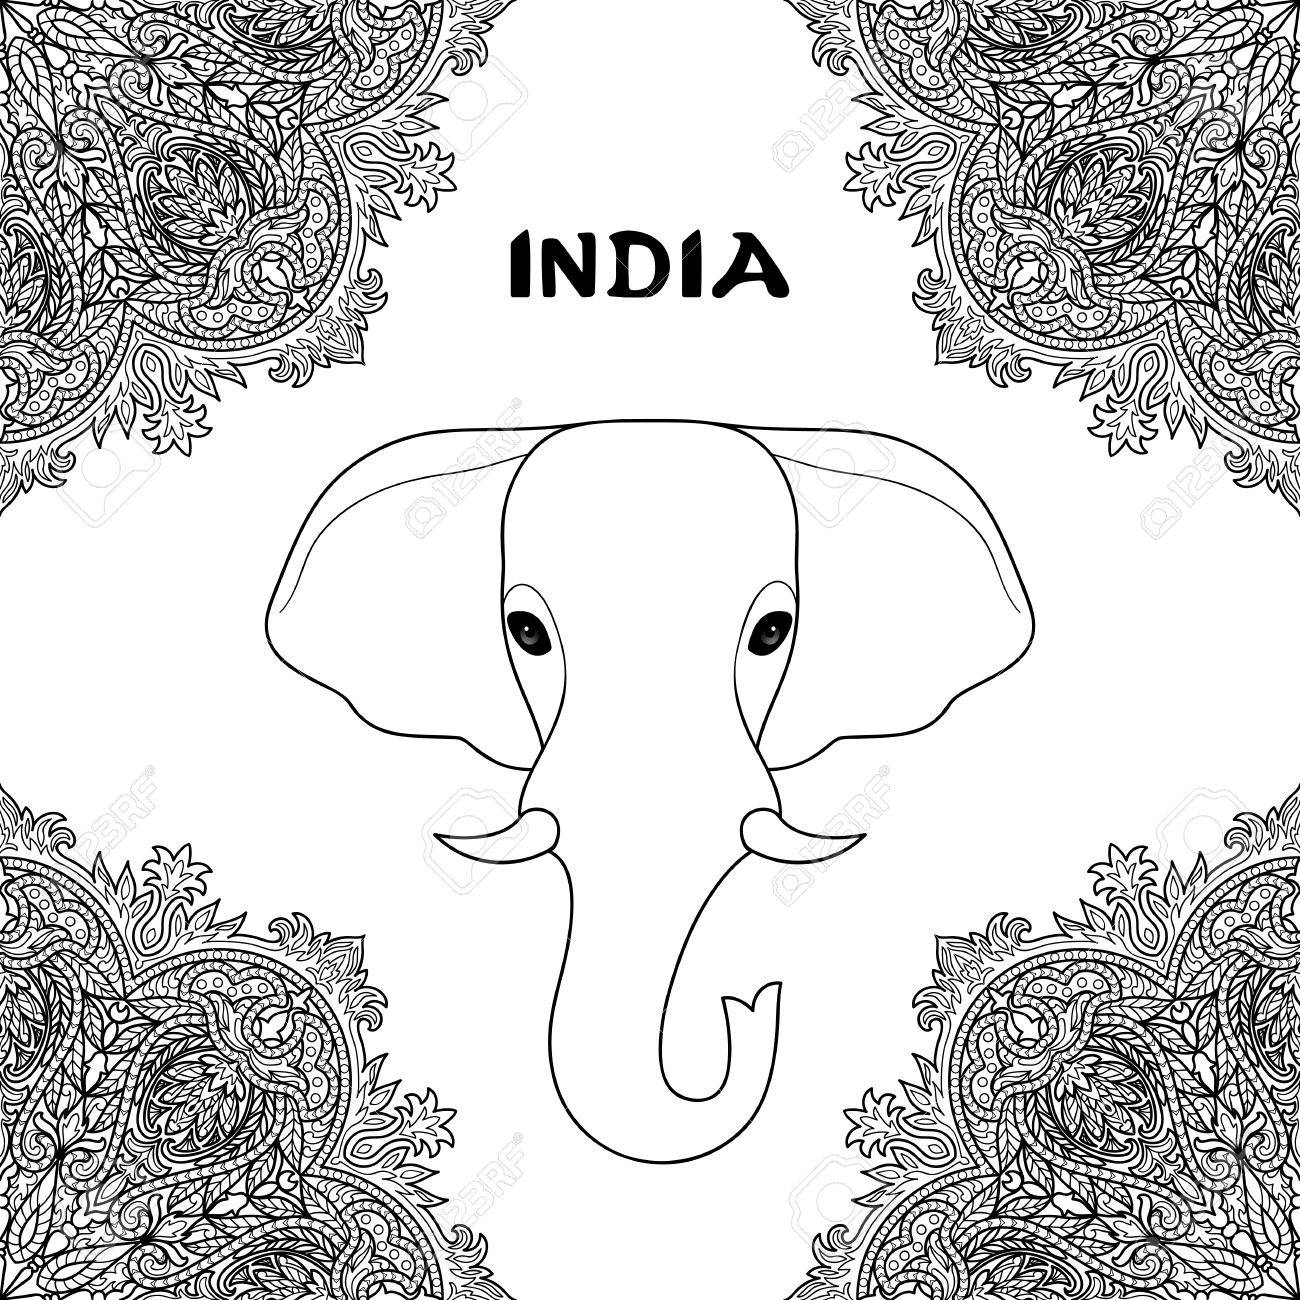 Indischer Elefant Im Mandalaverzierungsrahmen Symbol Von Indien